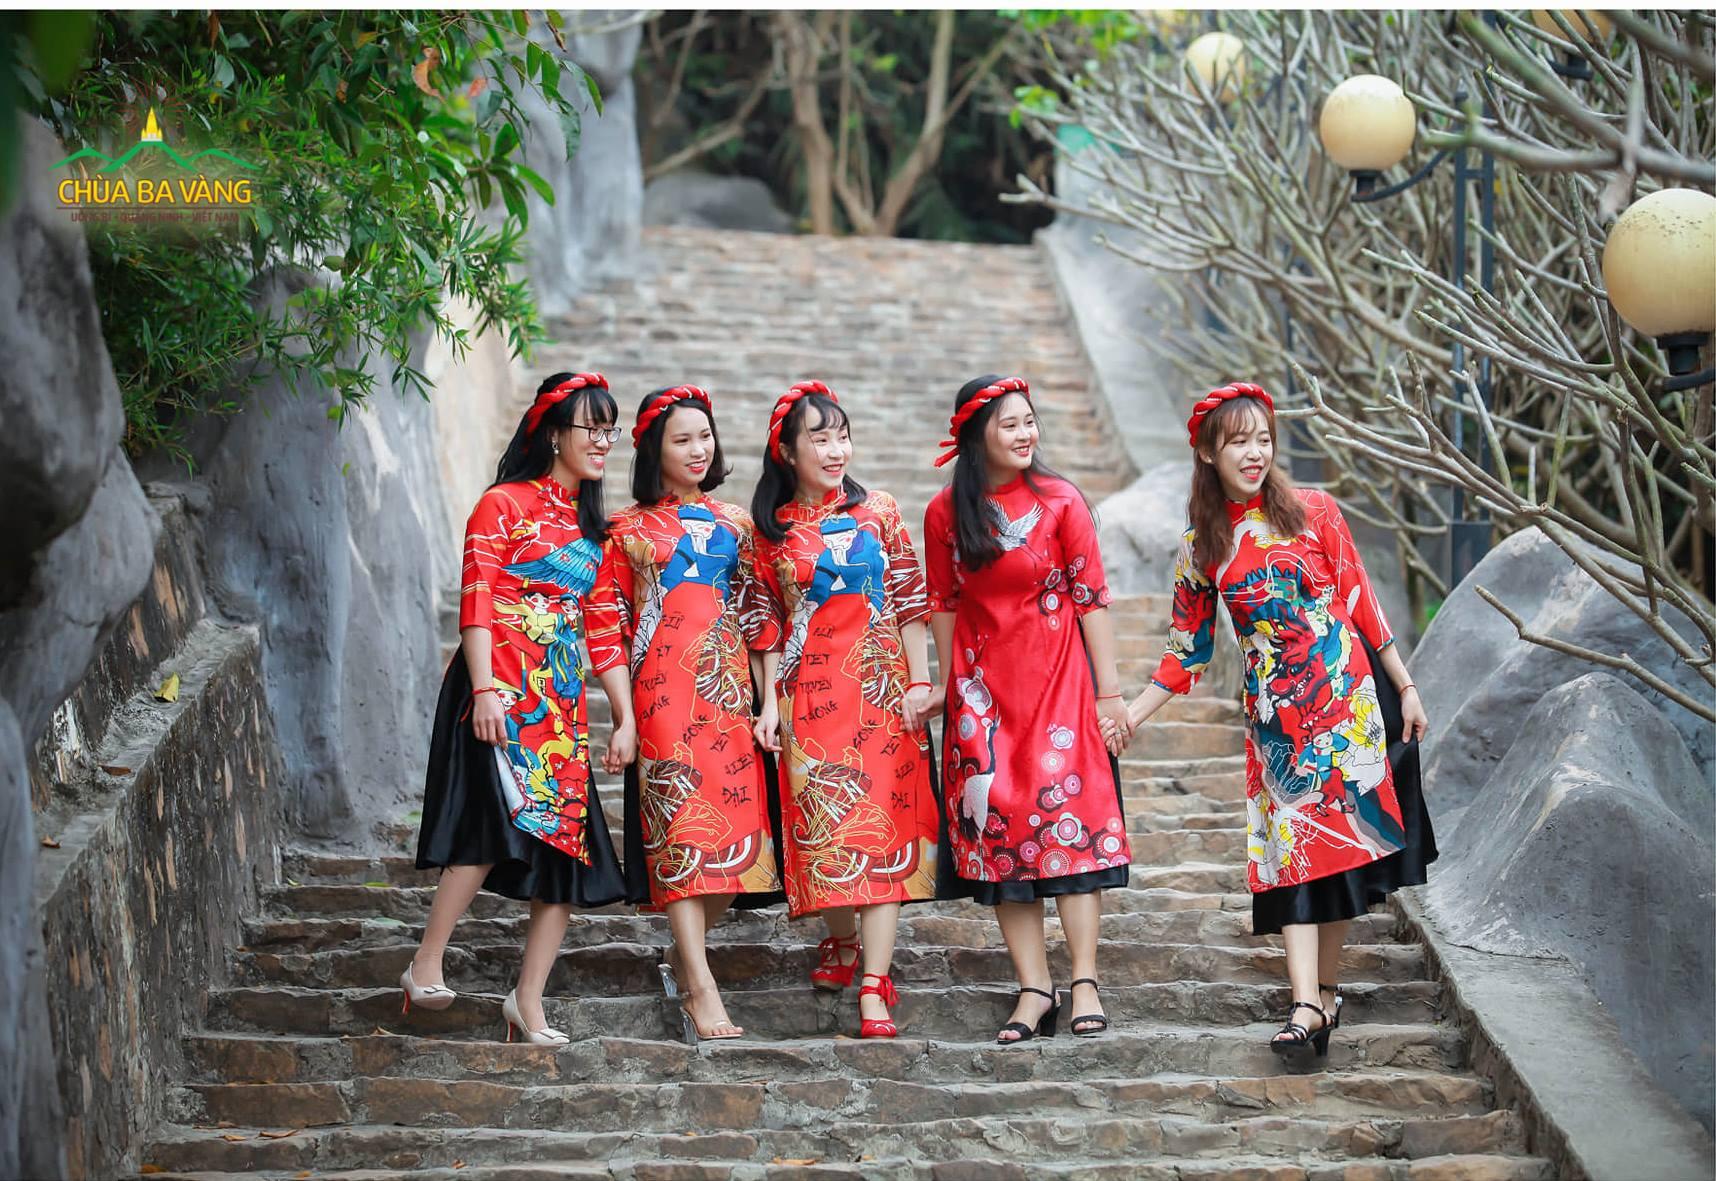 Tà áo dài rực rỡ nhưng cũng rất truyền thống của du khách cứ thế mà hòa quyện vào đó, tạo nên một bức tranh mùa xuân tuyệt đẹp mà chỉ có tại non thiêng Ba Vàng